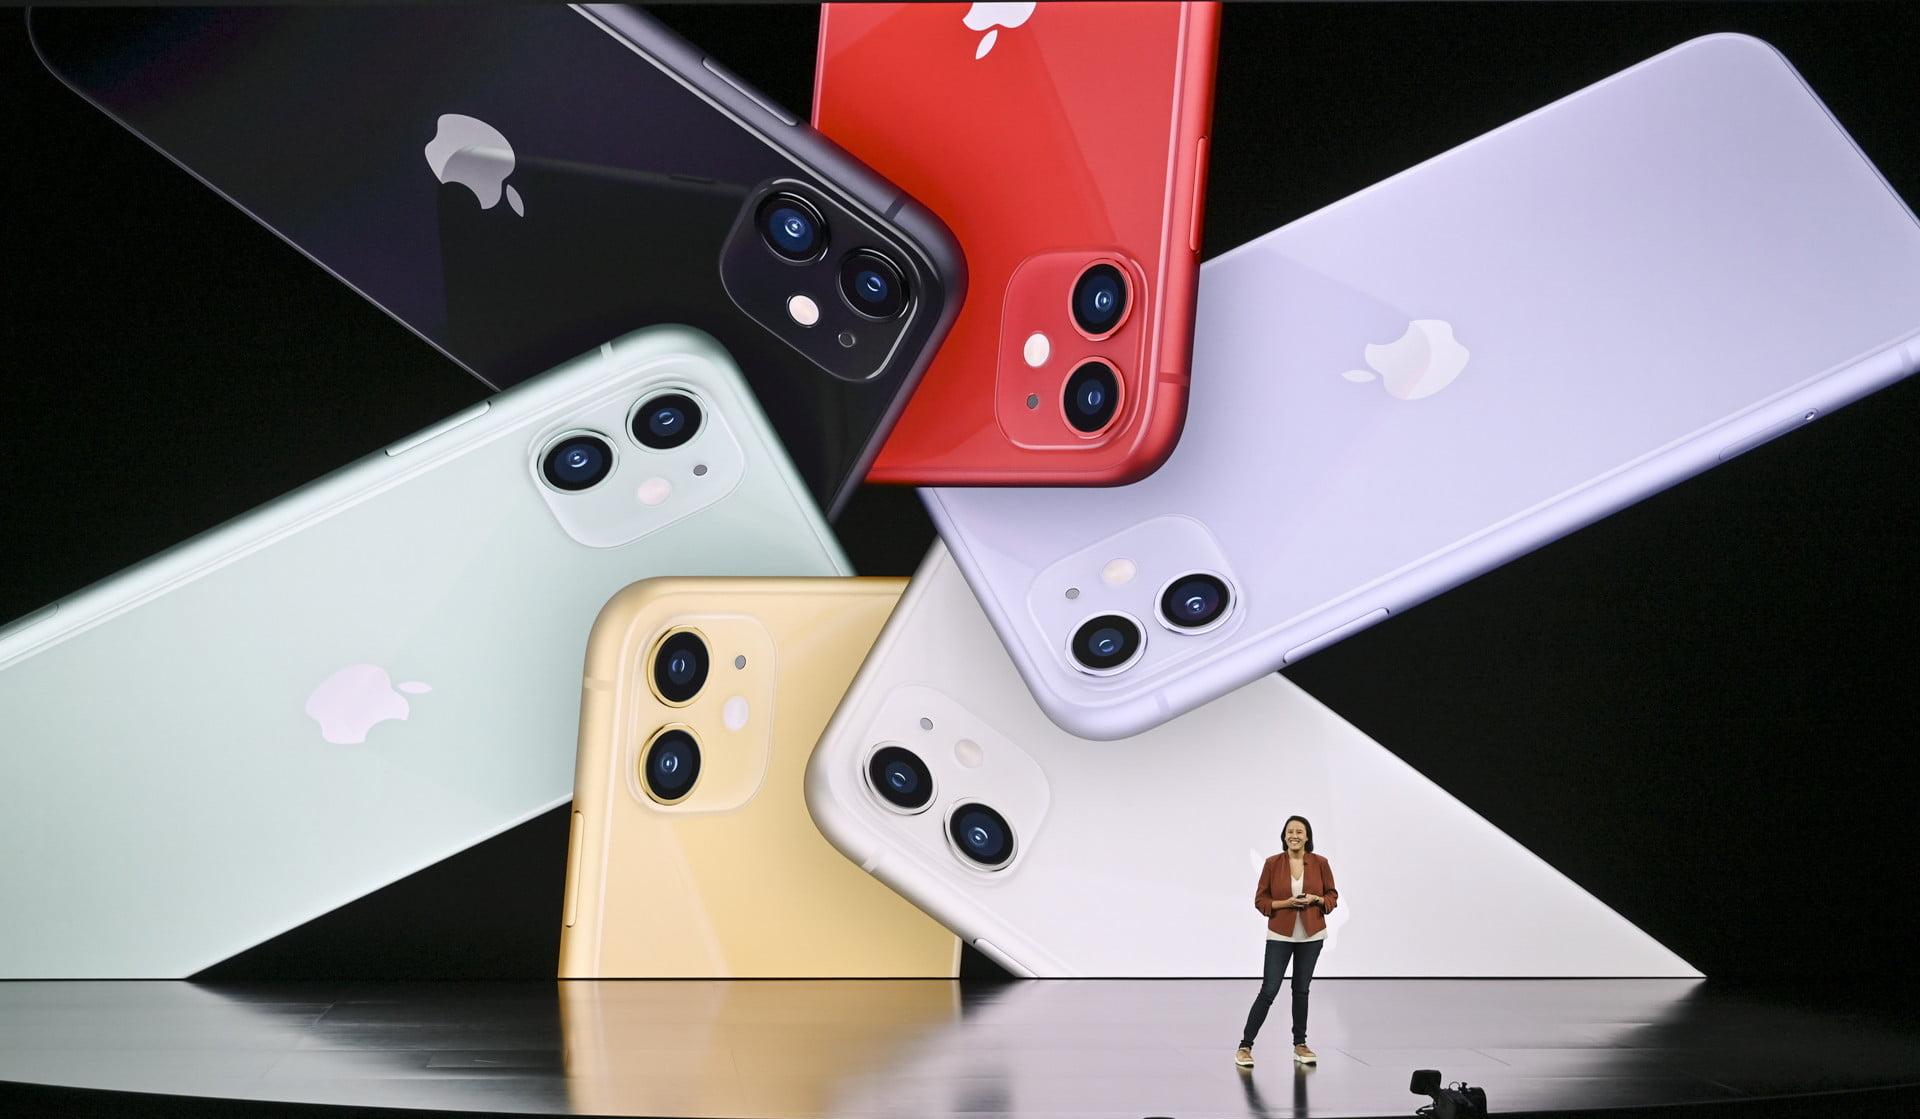 Itt van minden, amit az Apple bejelentett az iPhone 11 eseményen